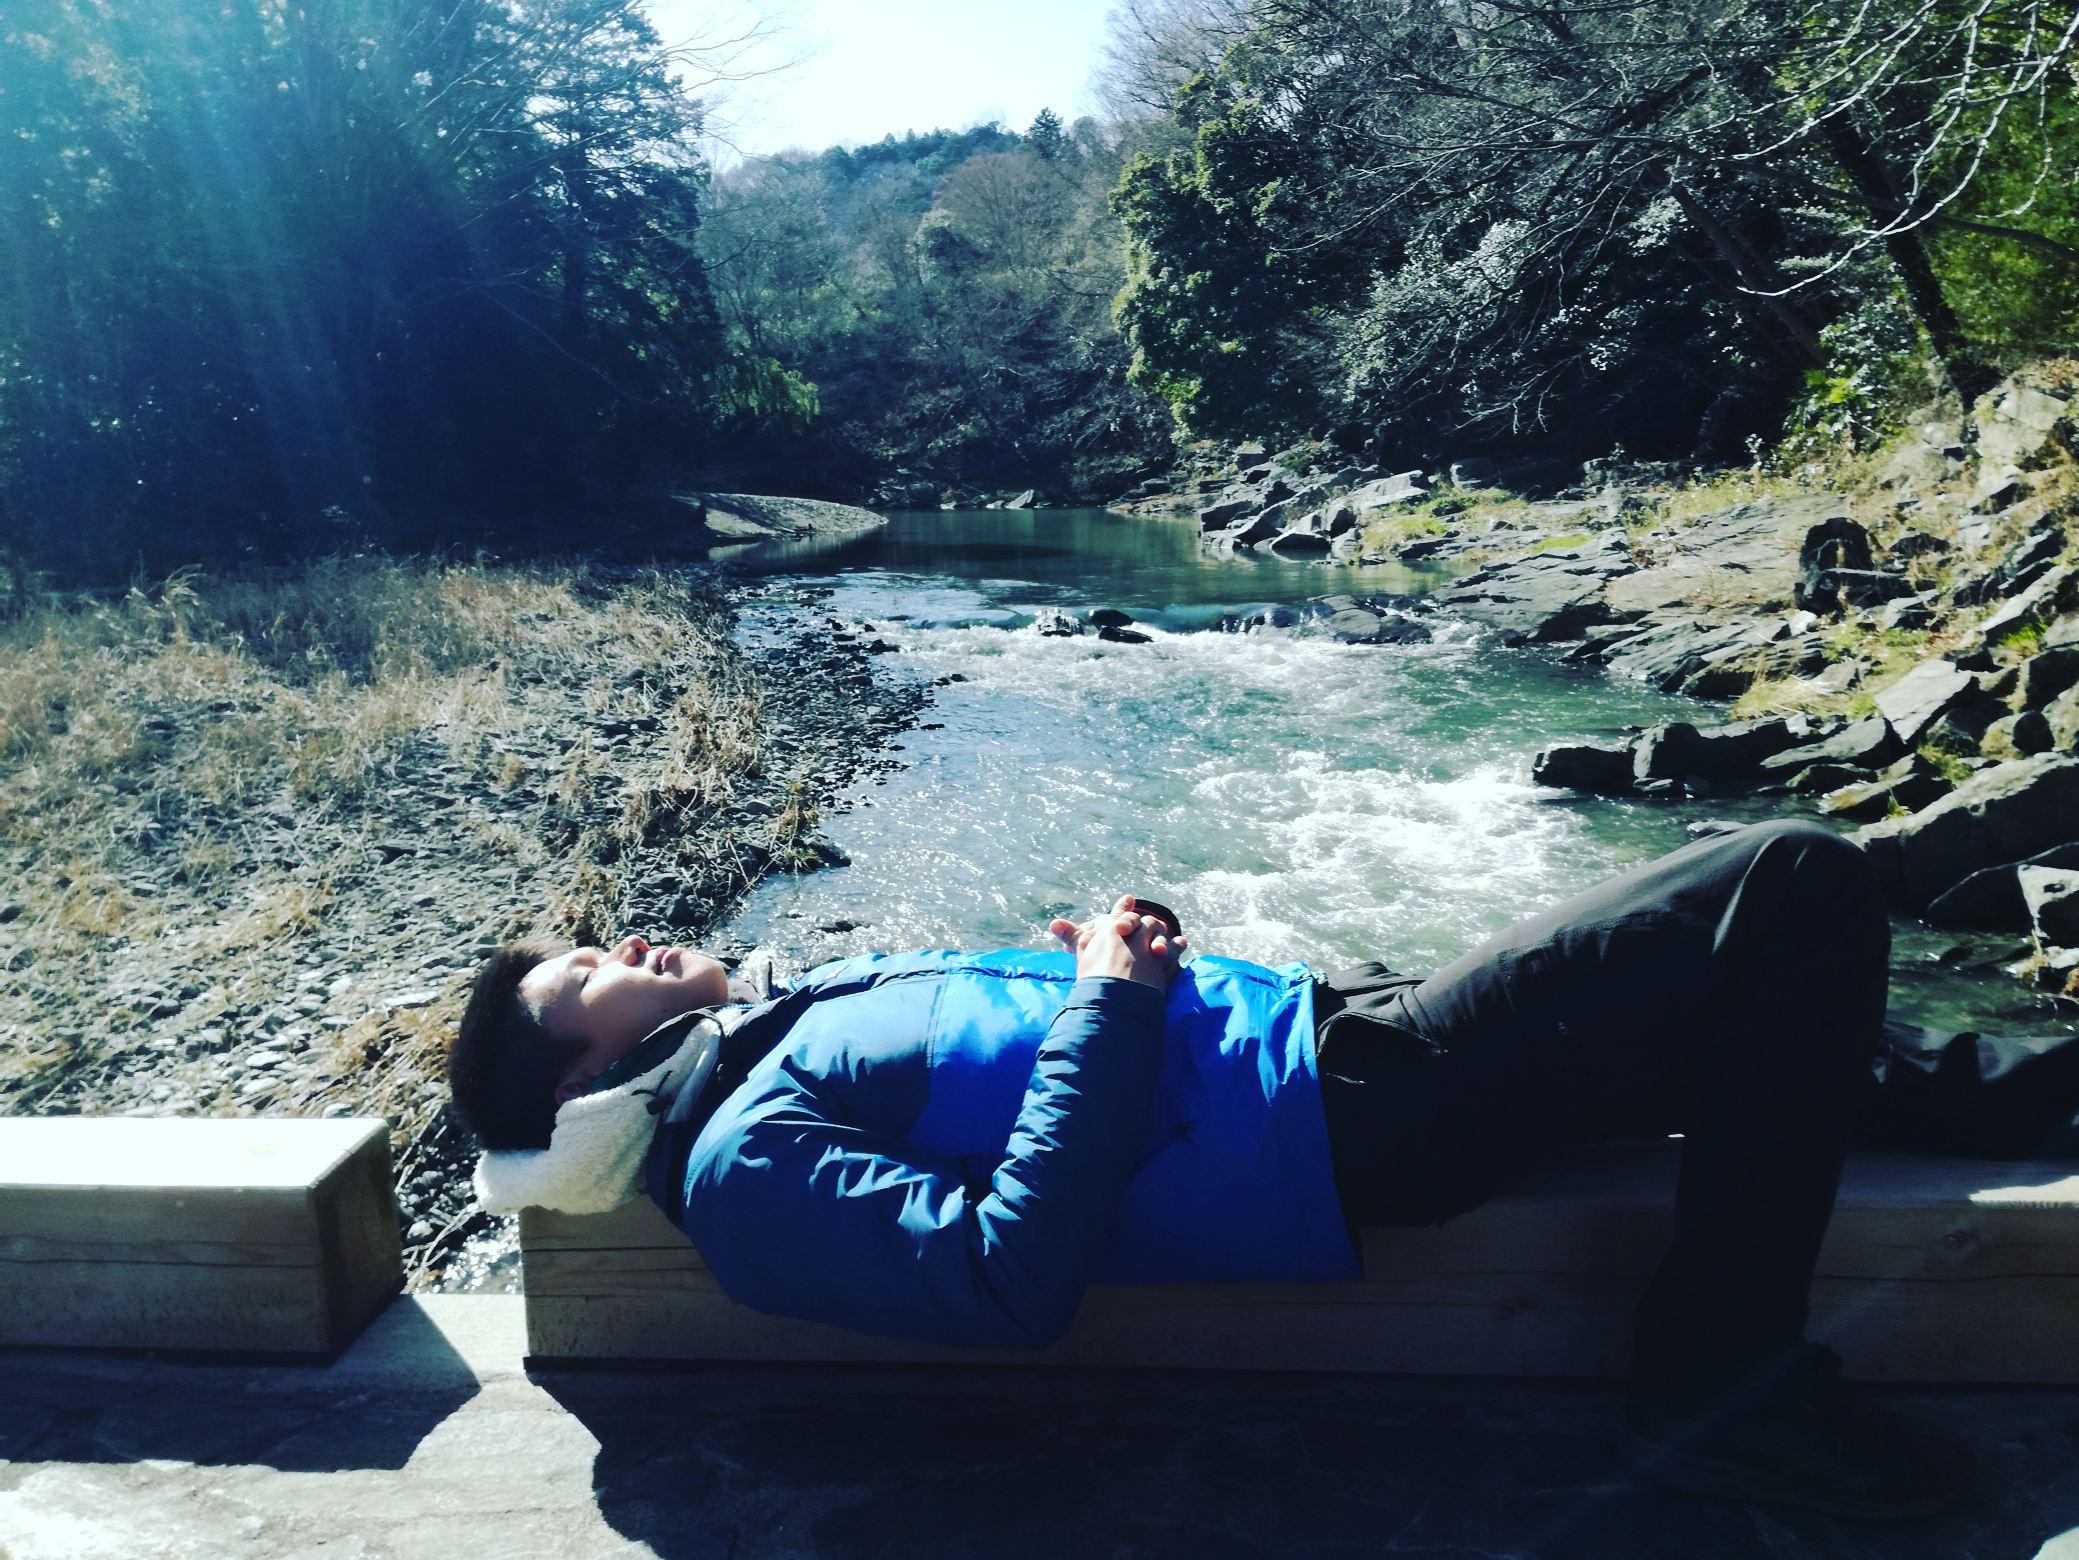 小川町近くの嵐山渓谷